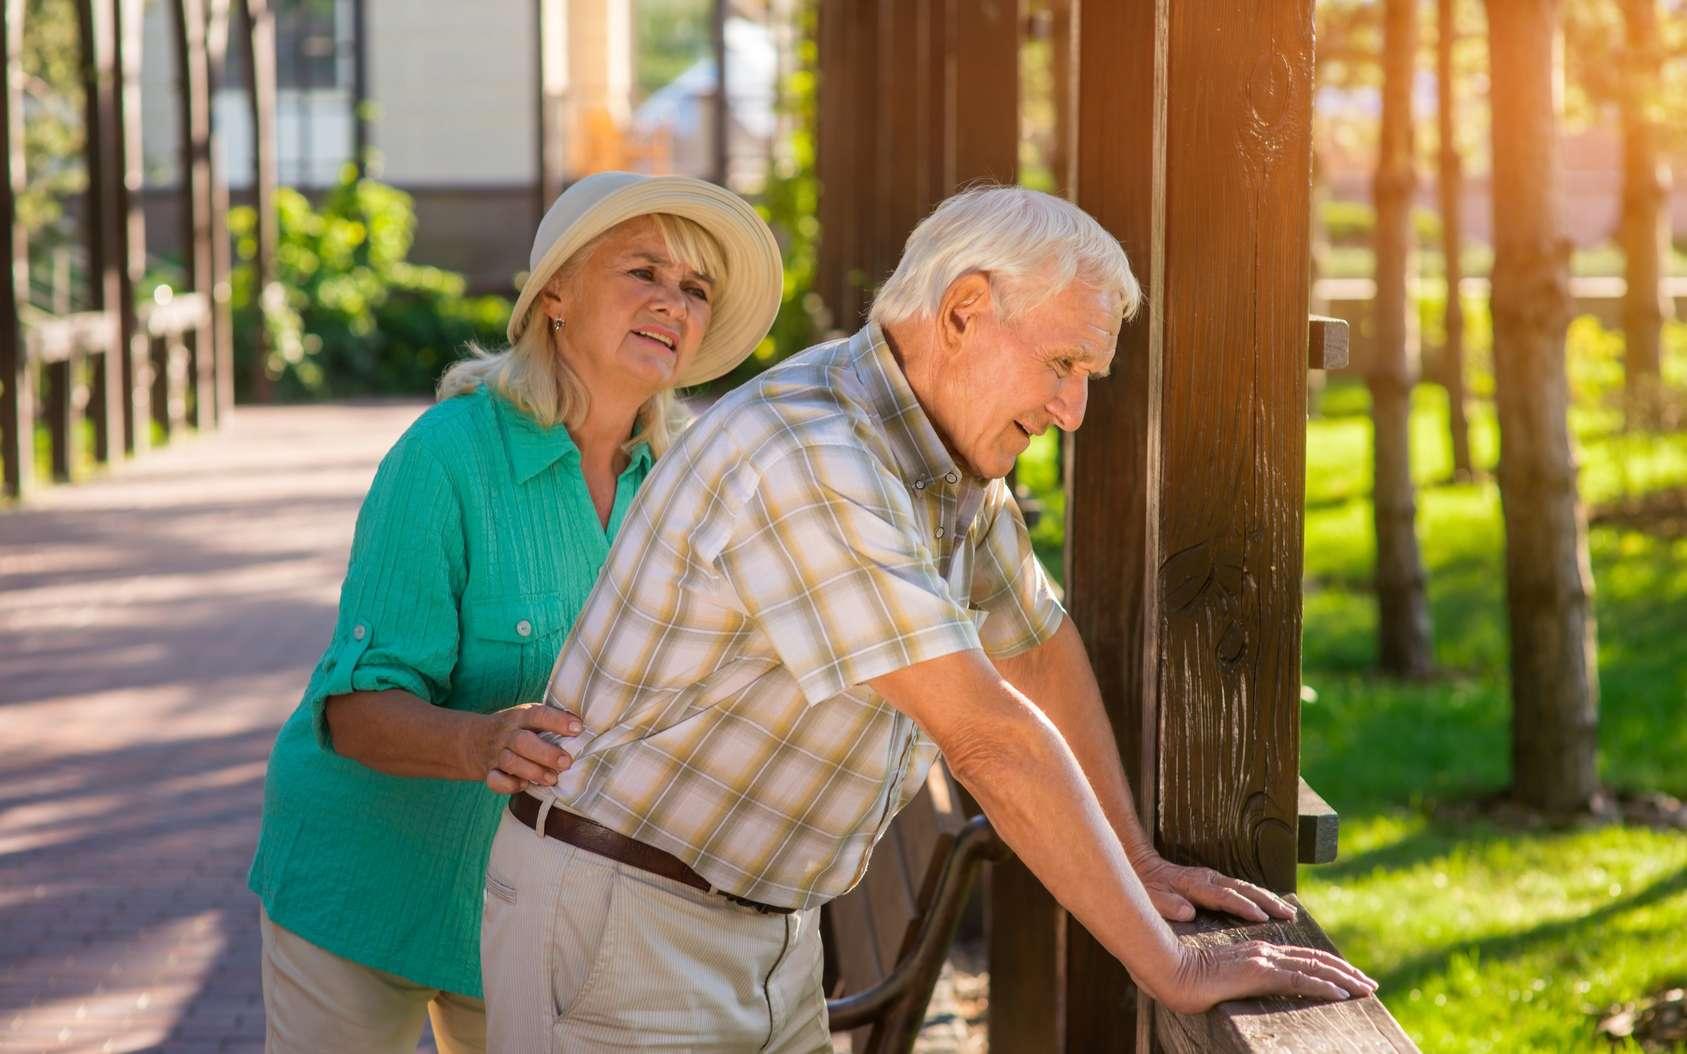 L'insuffisance cardiaque se manifeste par de la fatigue et de l'essoufflement à l'effort. © DenisProduction.com, Fotolia